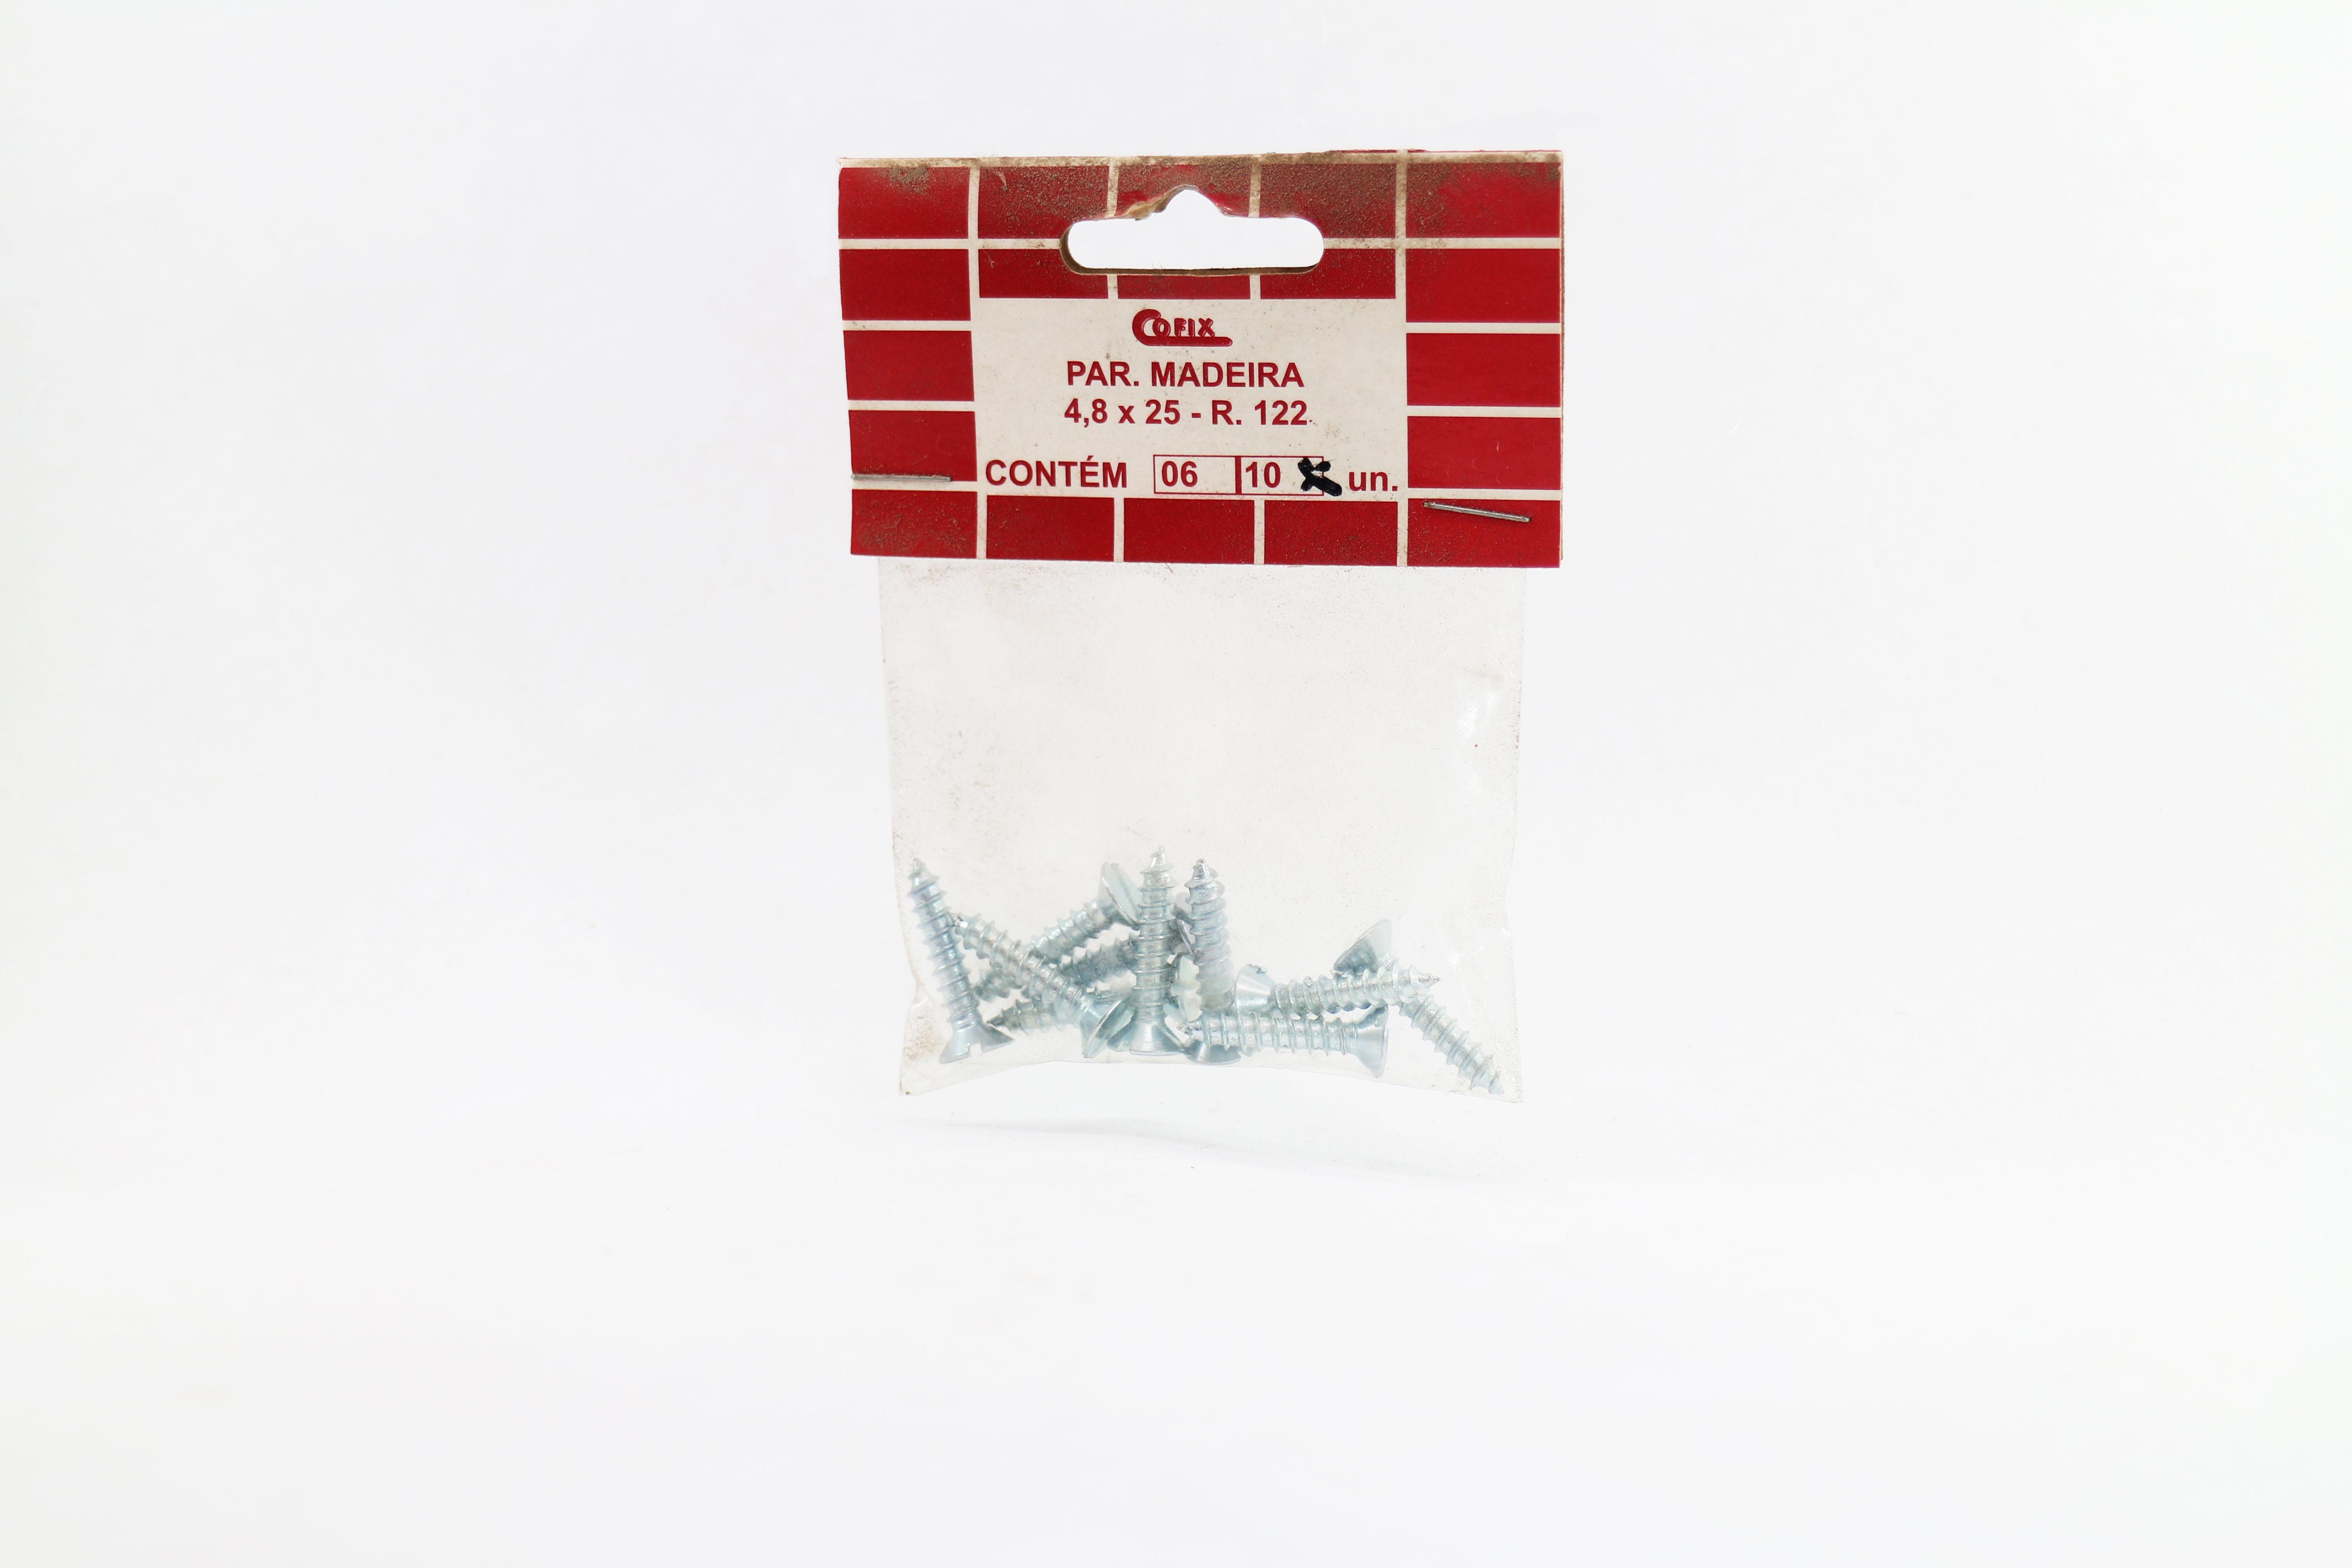 Cartela de Parafuso Madeira 4,8x25 10un Cofix